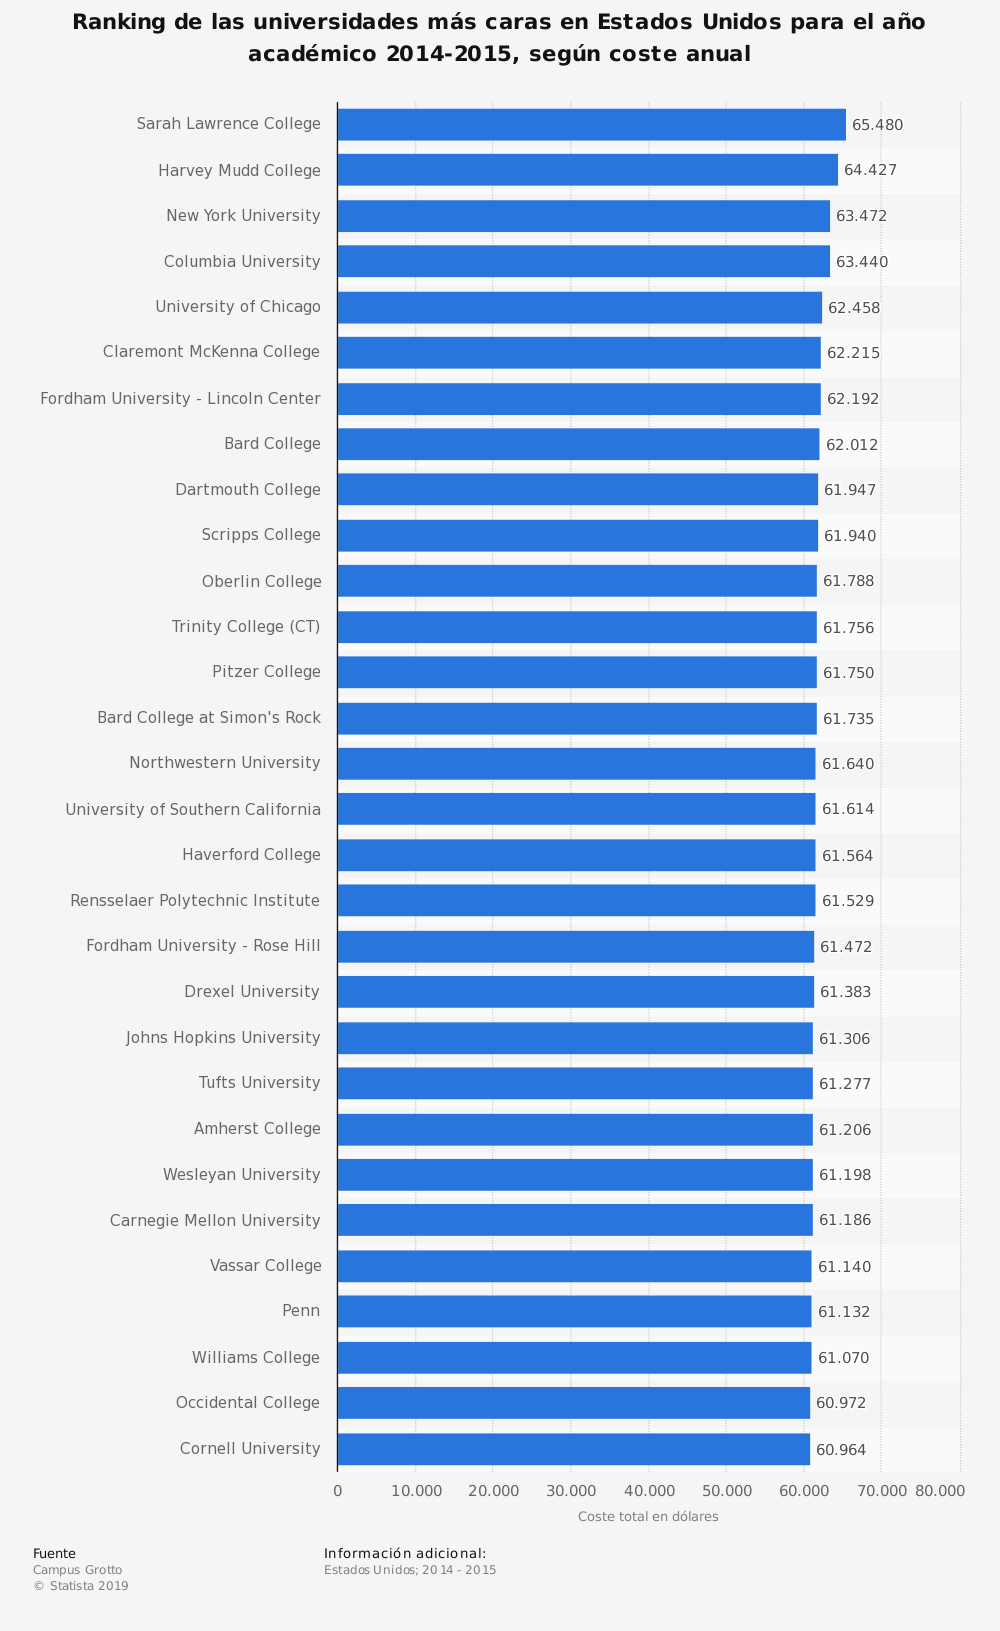 Estadística: Ranking de las universidades más caras en Estados Unidos para el año académico 2014-2015, según coste anual  | Statista